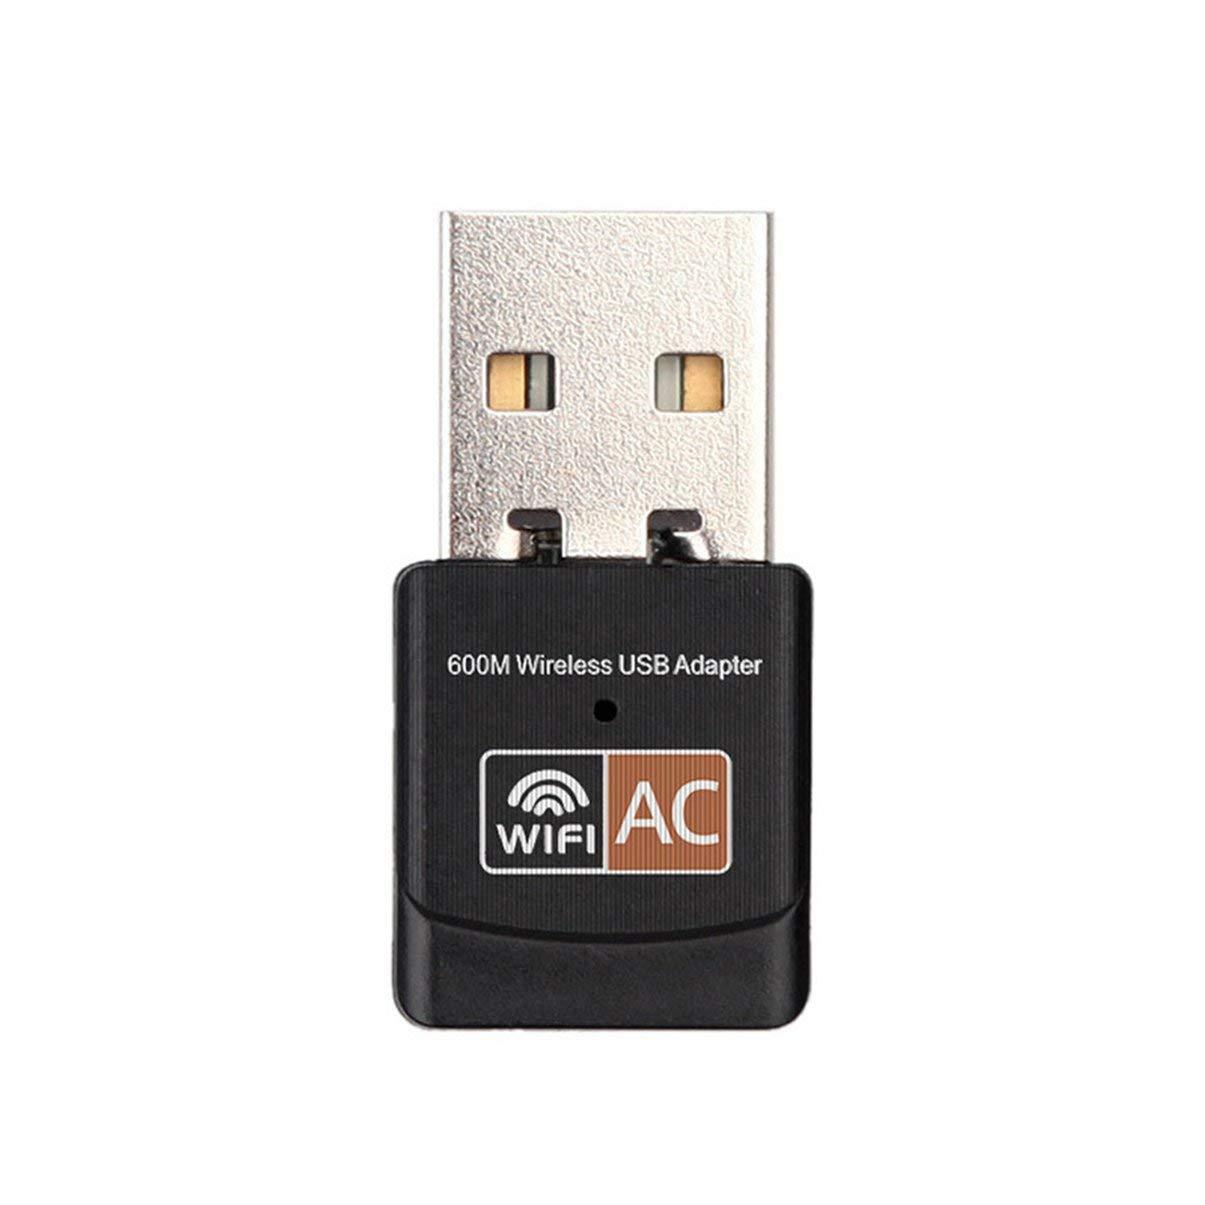 JullyeleFRgant Adaptateur USB sans Fil Portable Mini 600Mbps 2.4G / 5G Connexion à Double Bande Récepteur WiFi WiFi Dongle AC600M Home Network Card